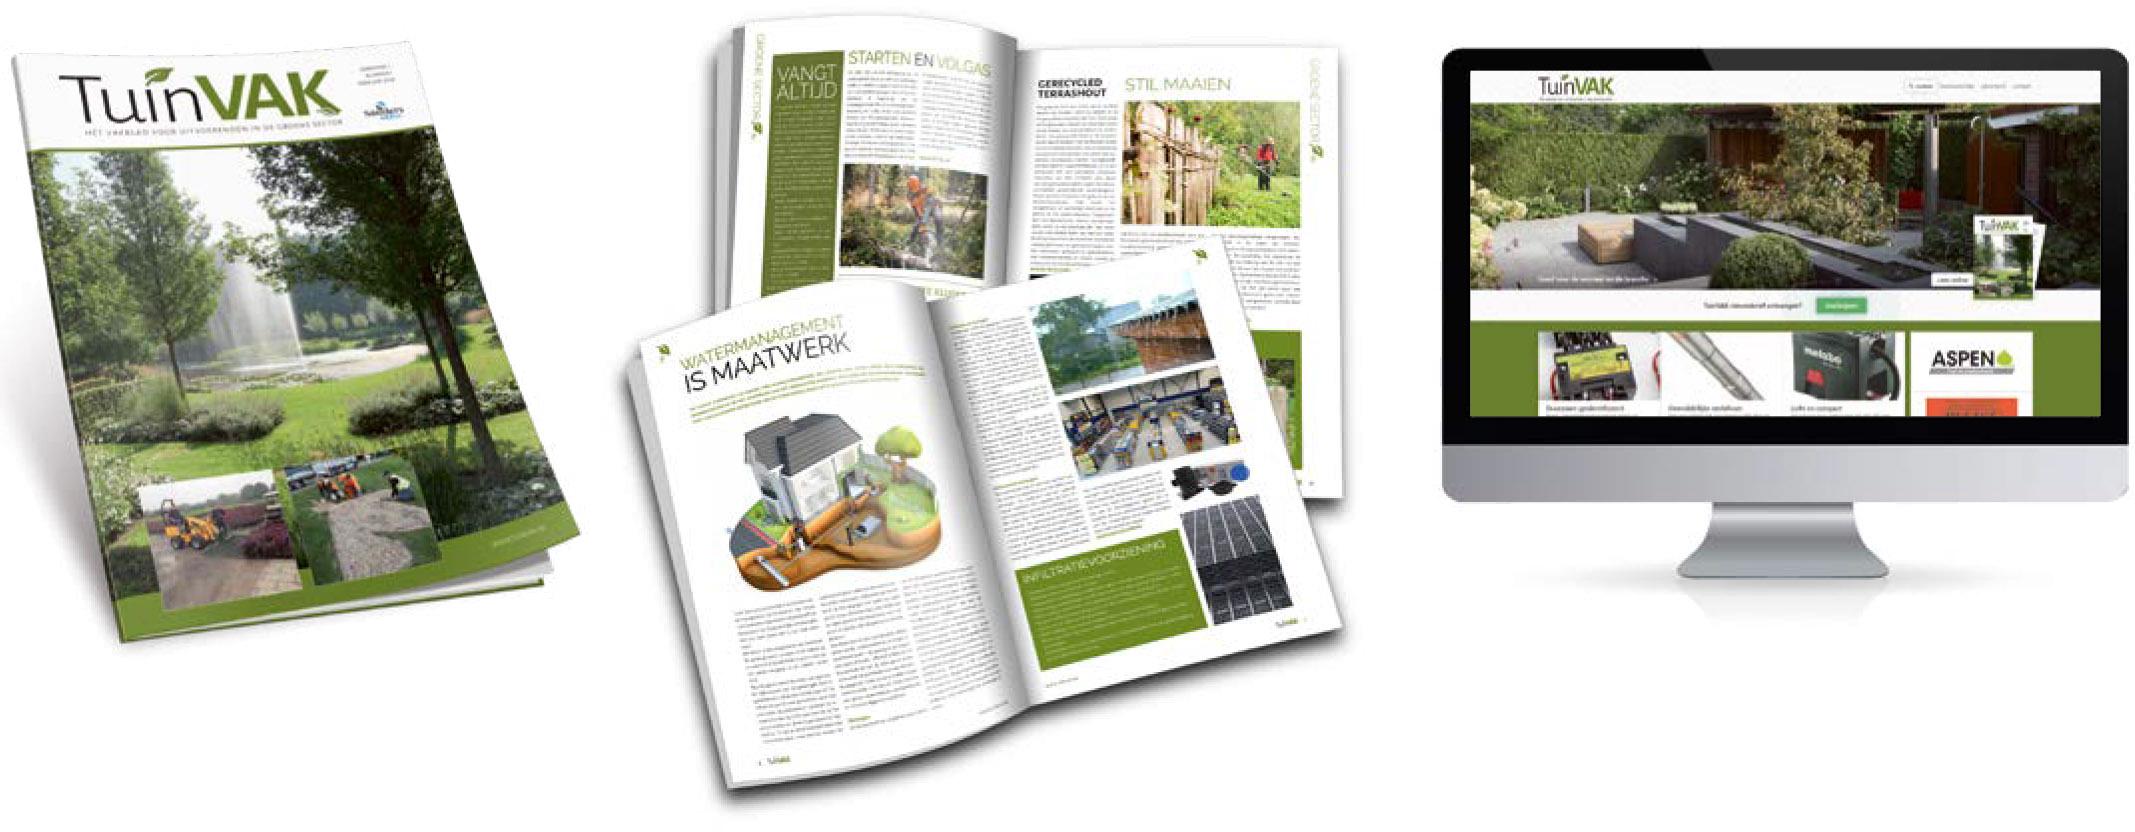 Nieuw online platform voor groene inspiratie, Hans van der klis, MediaFacts